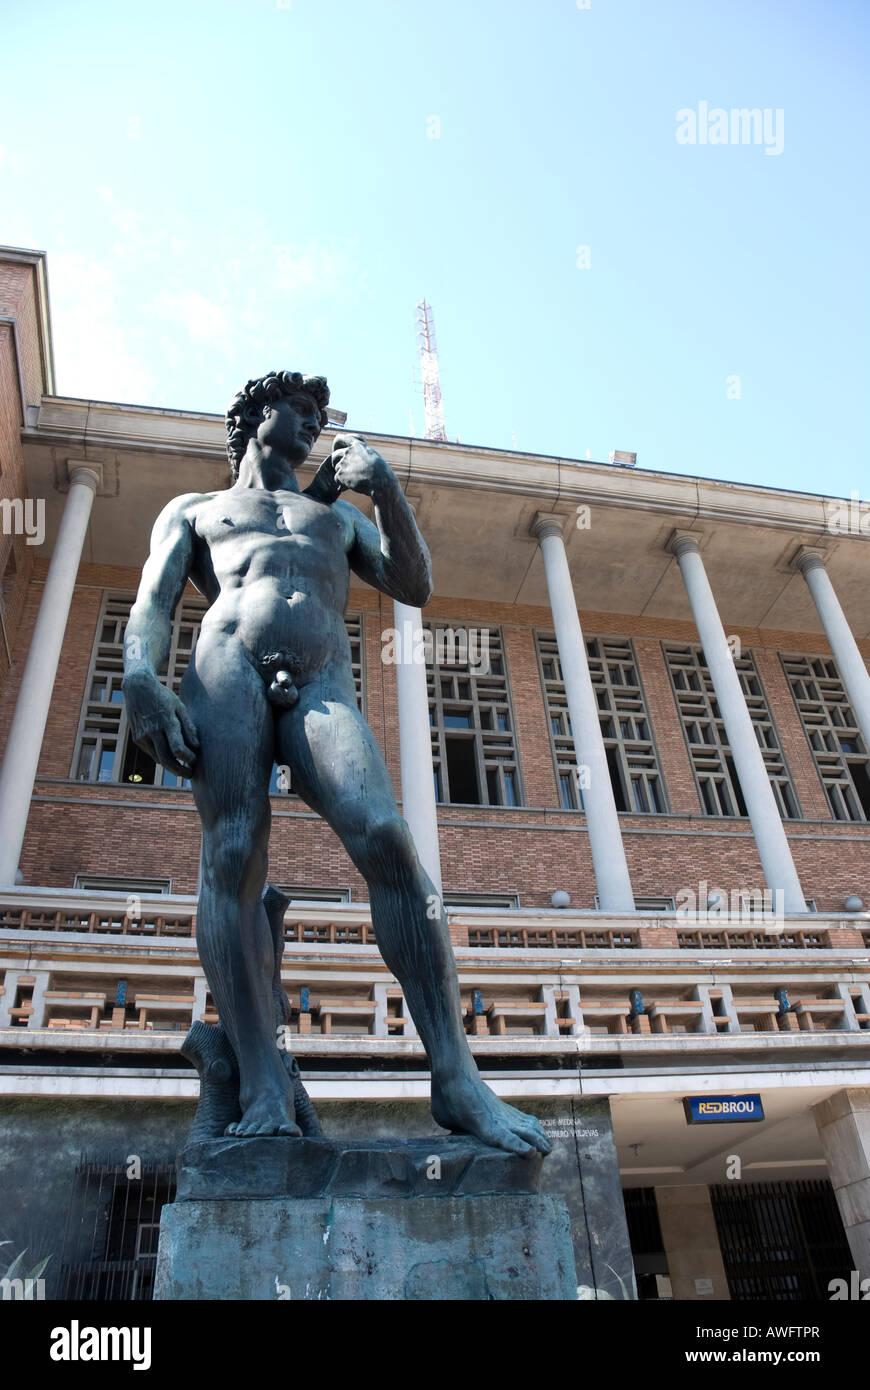 Una f i tre David di Michelangelo repliche è a Montevideo, capitale dell'Uruguay, di fronte al Palacio Immagini Stock